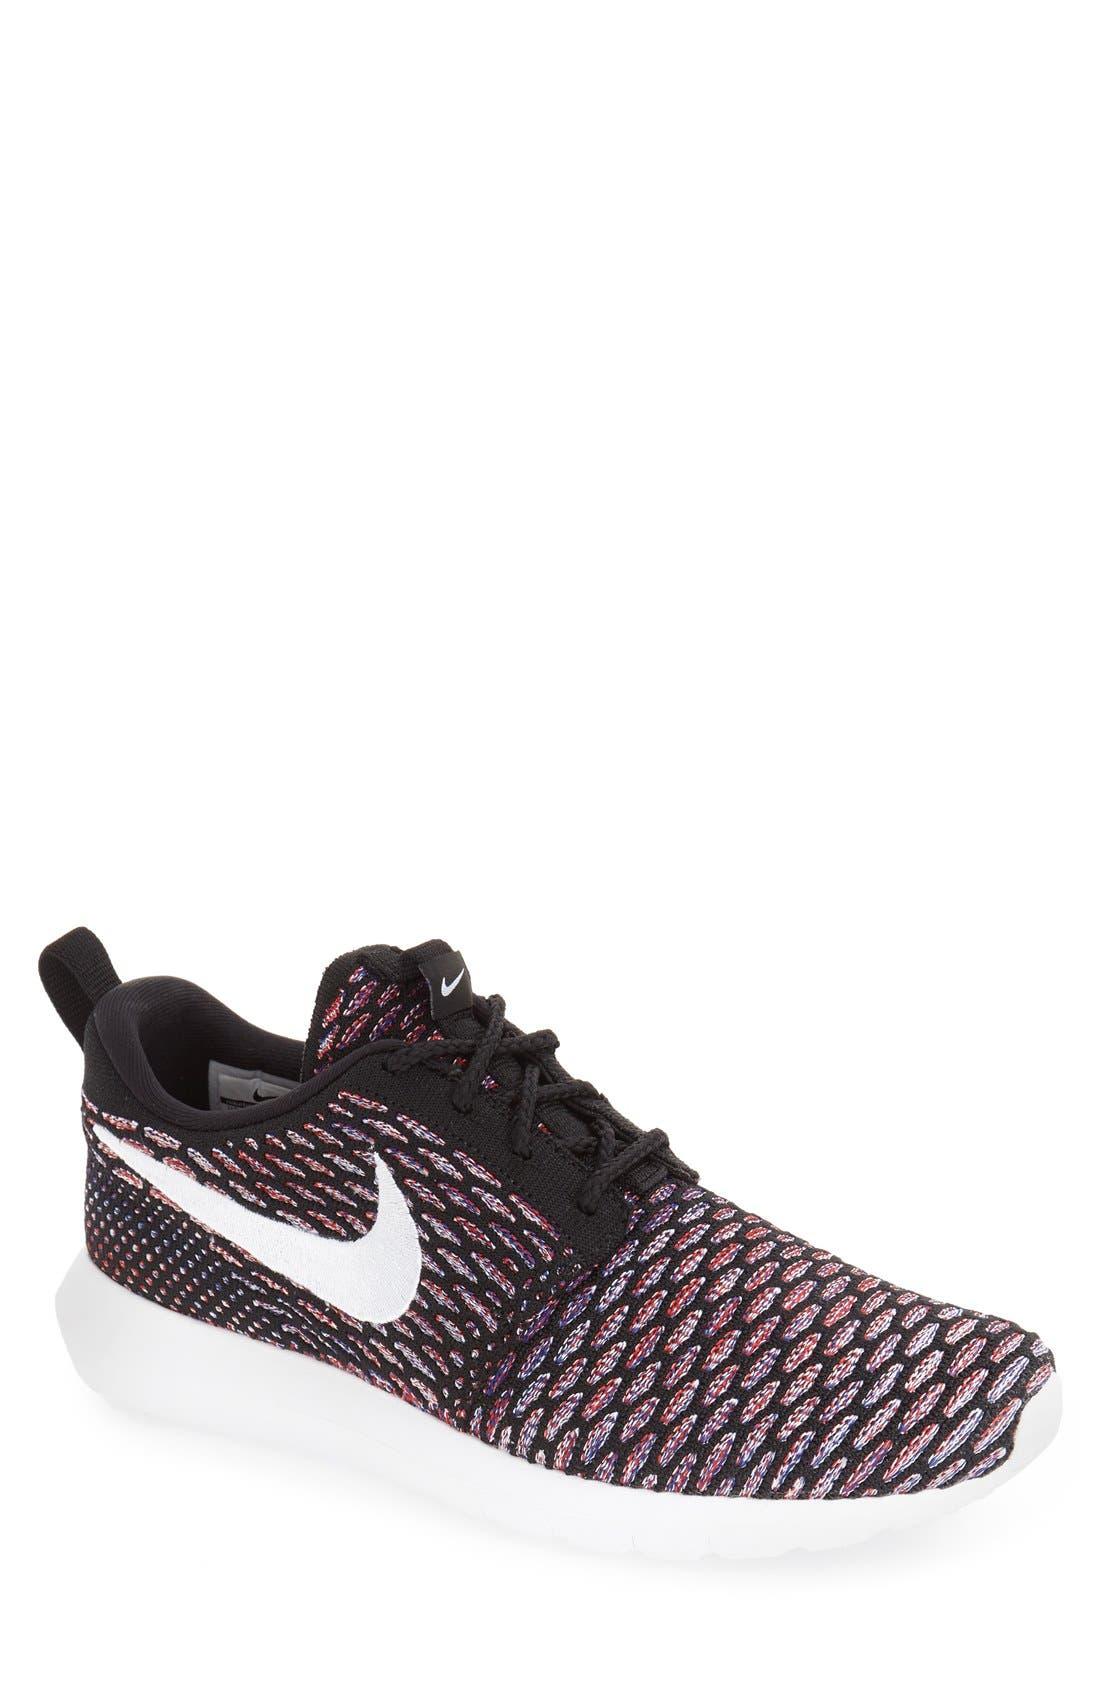 Alternate Image 1 Selected - Nike Flyknit 'Roshe Run' Sneaker (Men)